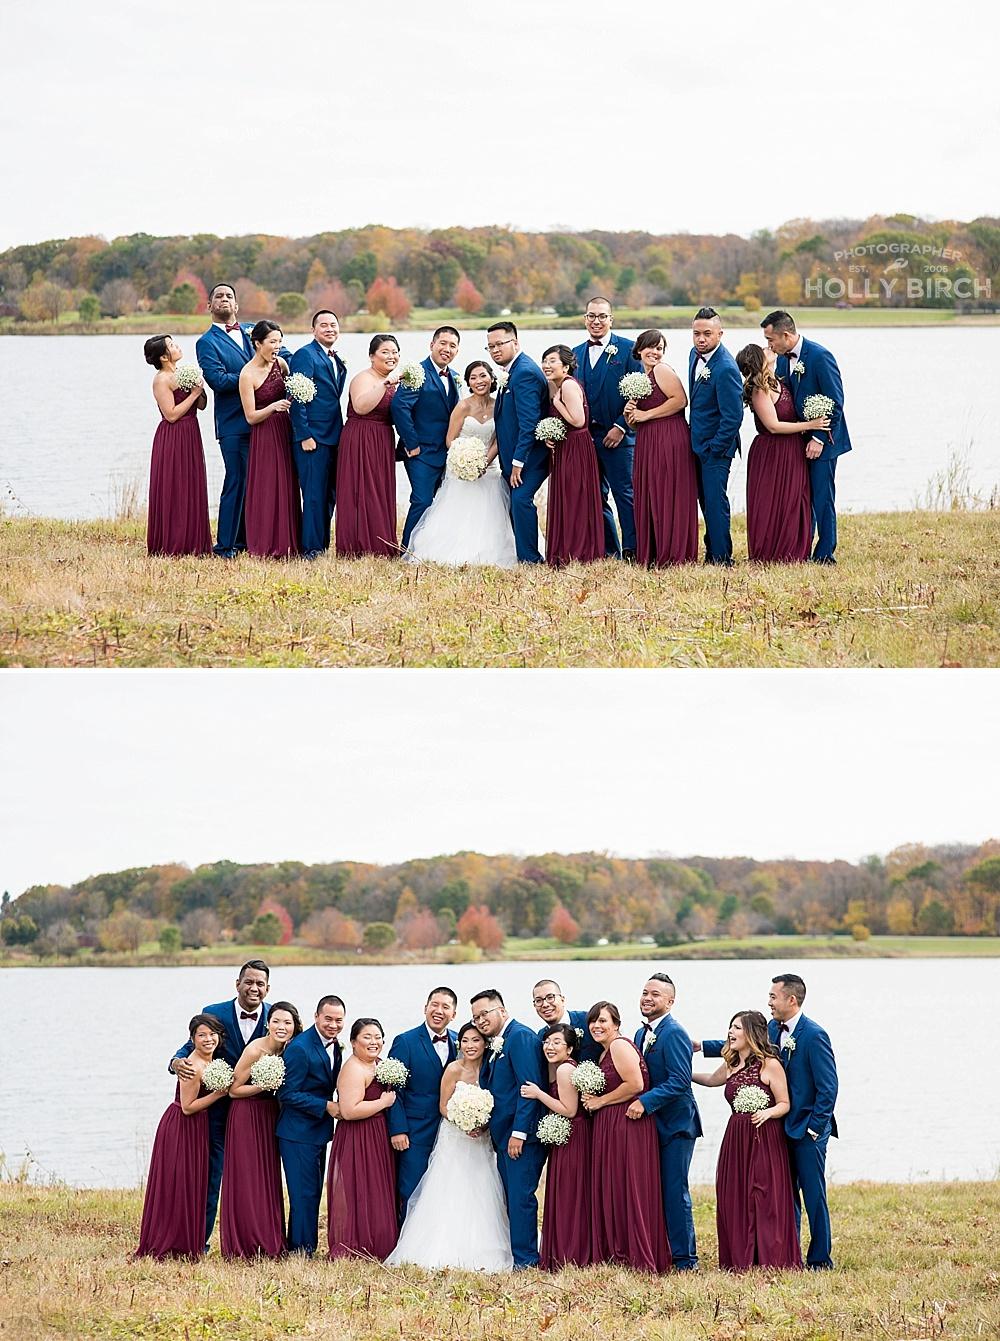 Buffalo-Grove-IL-Chicago-suburbs-wedding-Astoria-ballroom_3044.jpg